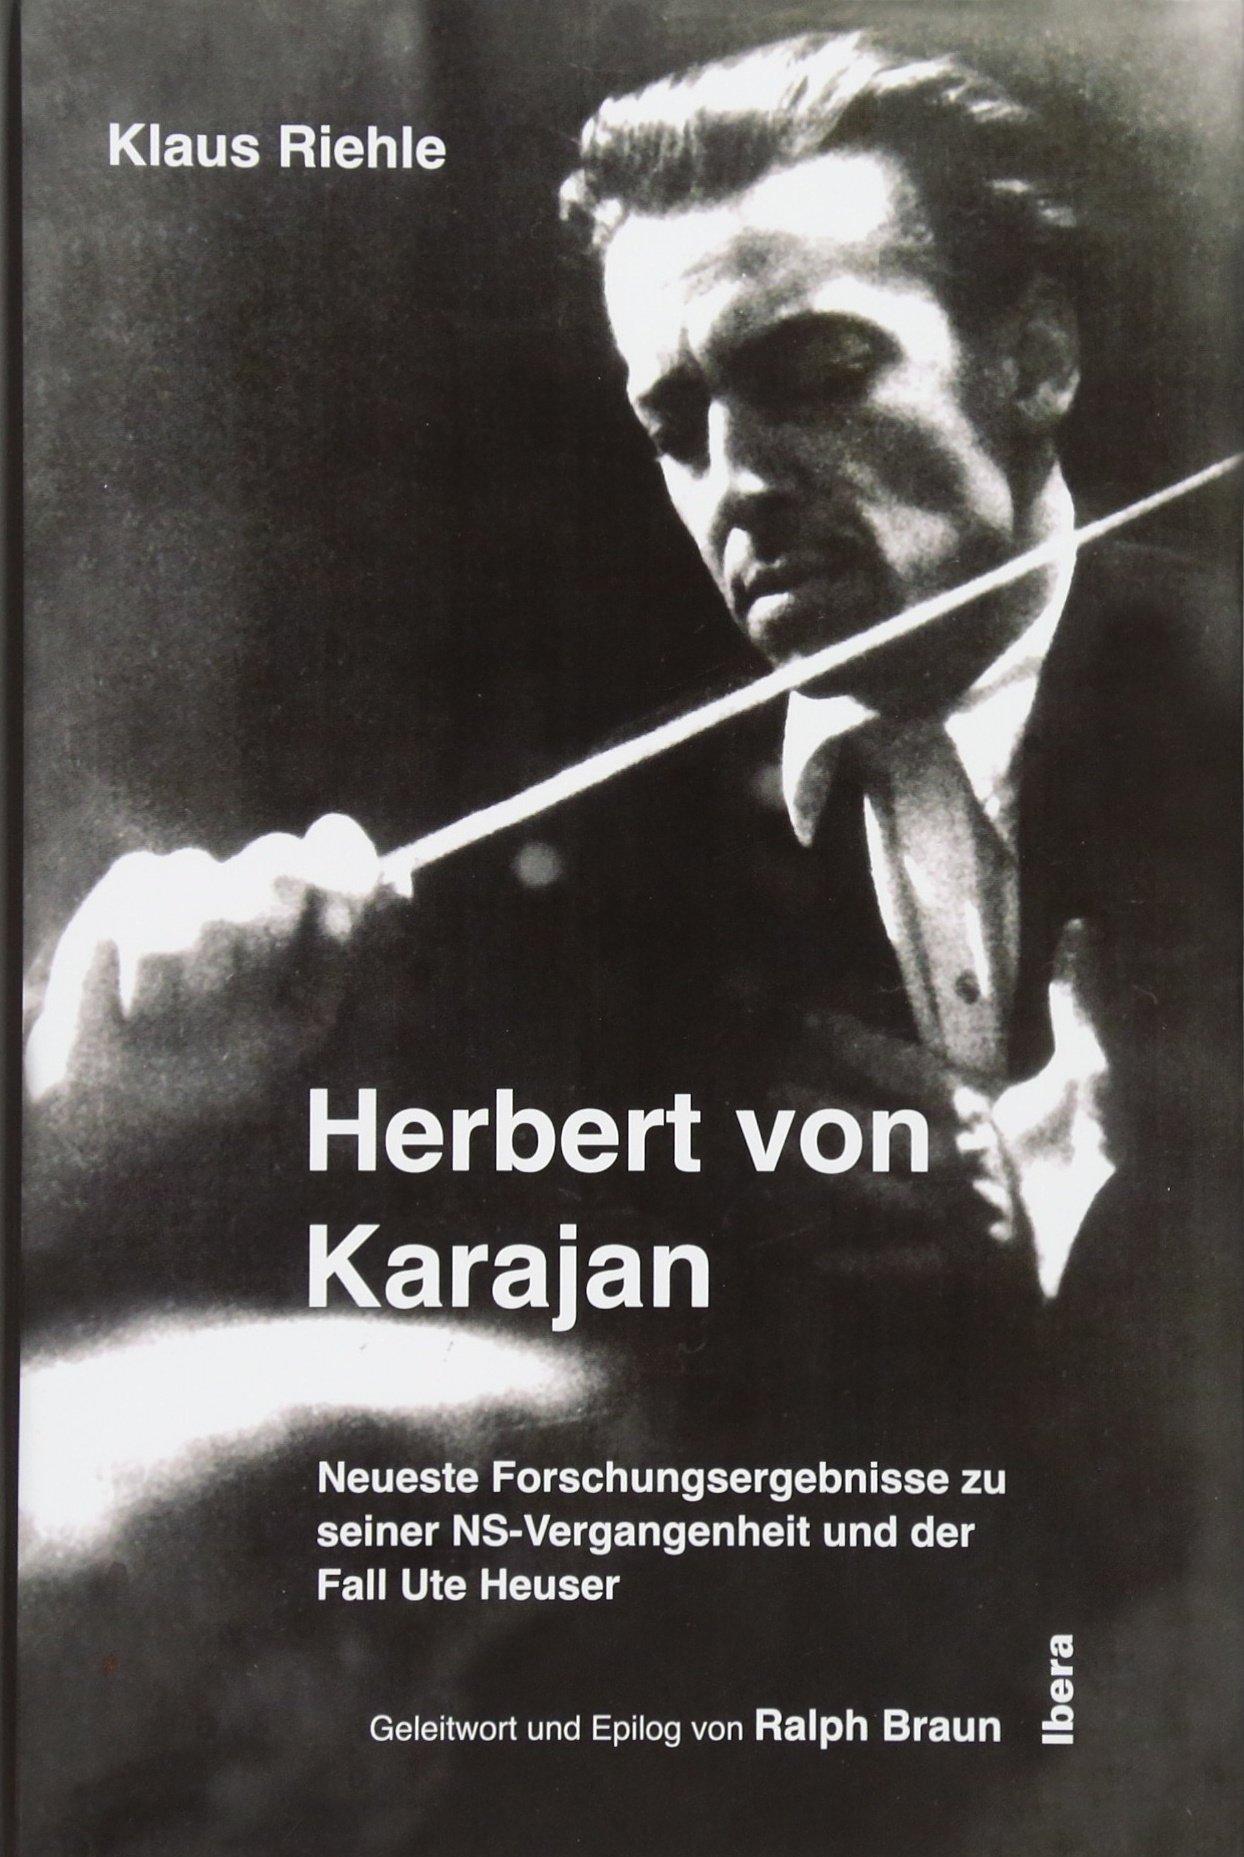 Herbert von Karajan – Neueste Forschungsergebnisse zu seiner NS-Vergangenheit und der Fall Ute Heuser